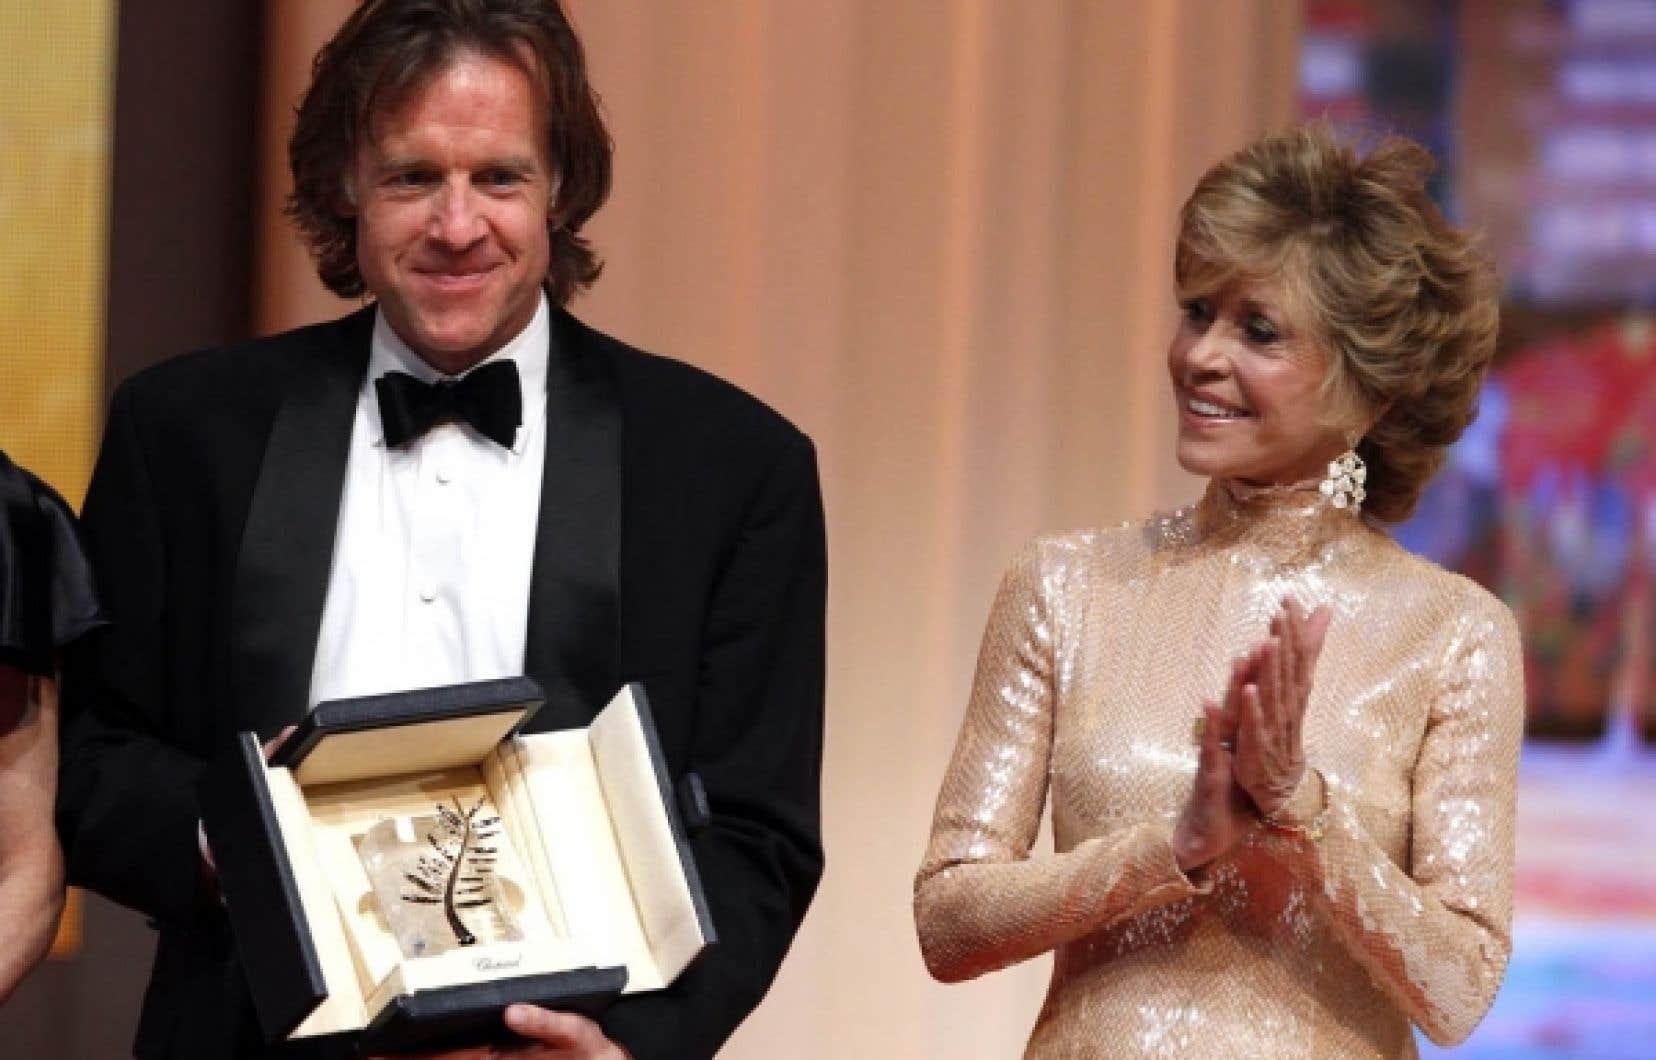 En l'absence du réalisateur Terrence Malick, le producteur du film The Tree of Life, Bill Pohlad, a reçu la Palme d'or du Festival de Cannes, dimanche, des mains de l'actrice Jane Fonda.